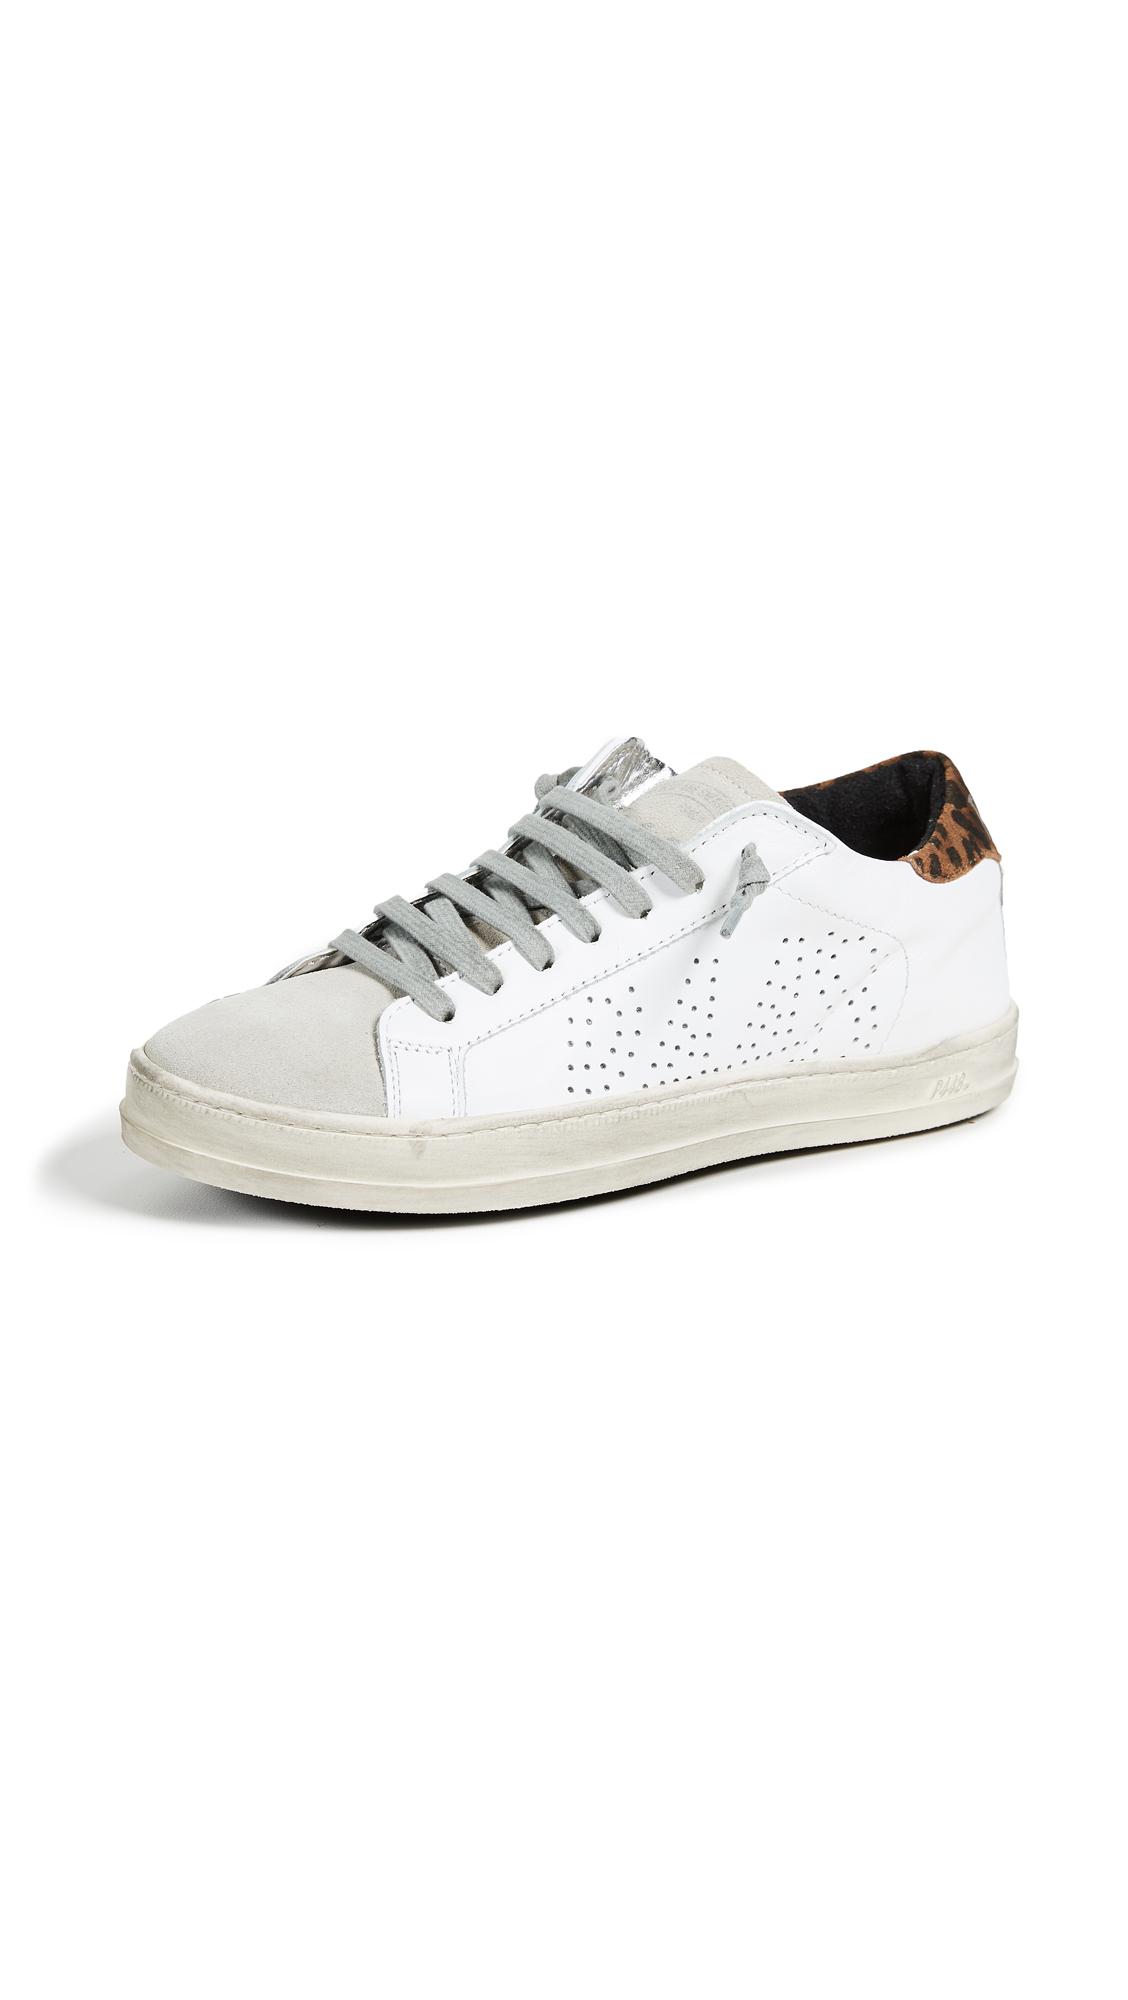 P448 John Sneakers - White/Leo